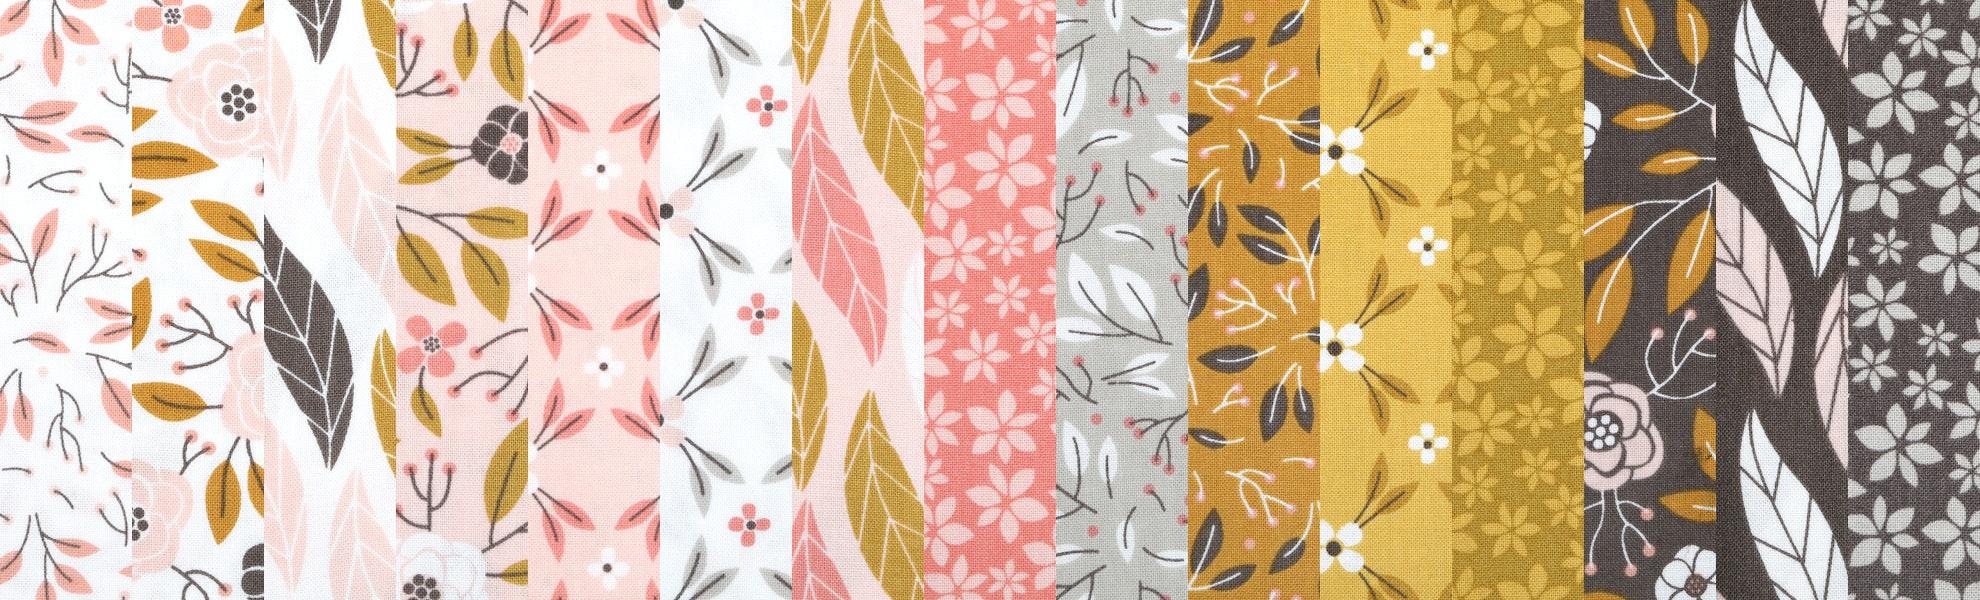 Magnolia by Alisse Courter Fat Quarter Bundle